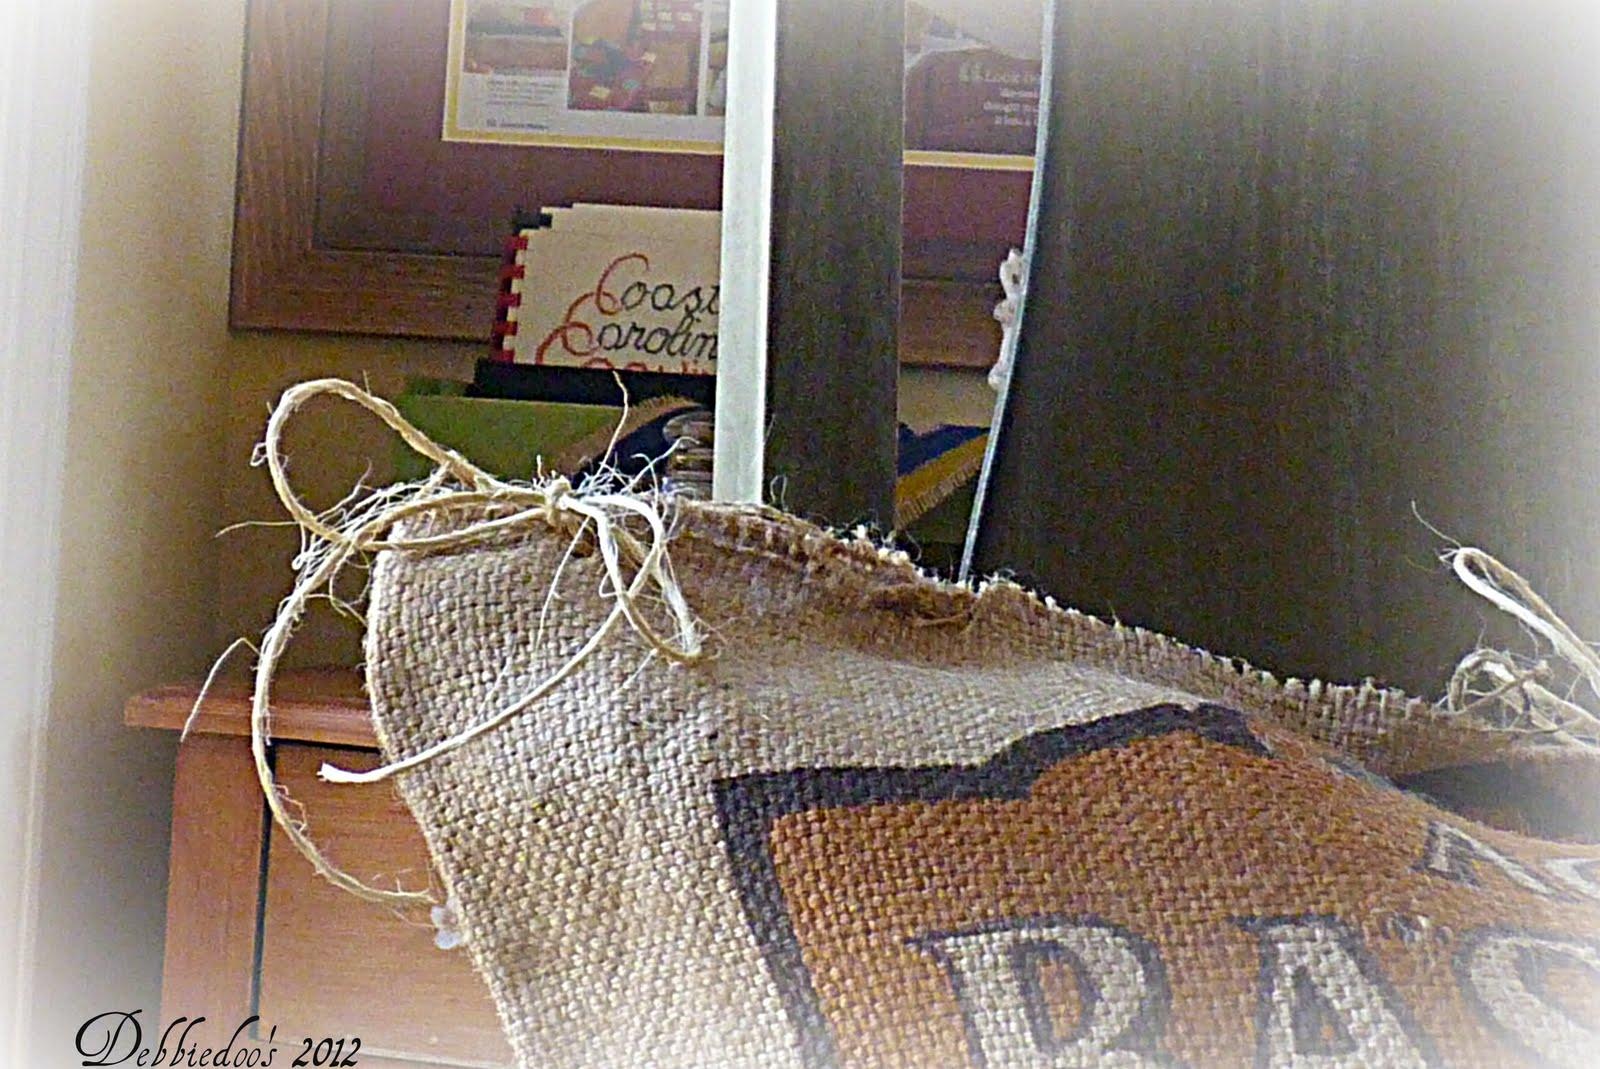 DIY no Sew burlap pillow grain sacks & DIY no Sew burlap pillow grain sacks - Debbiedoo\u0027s pillowsntoast.com